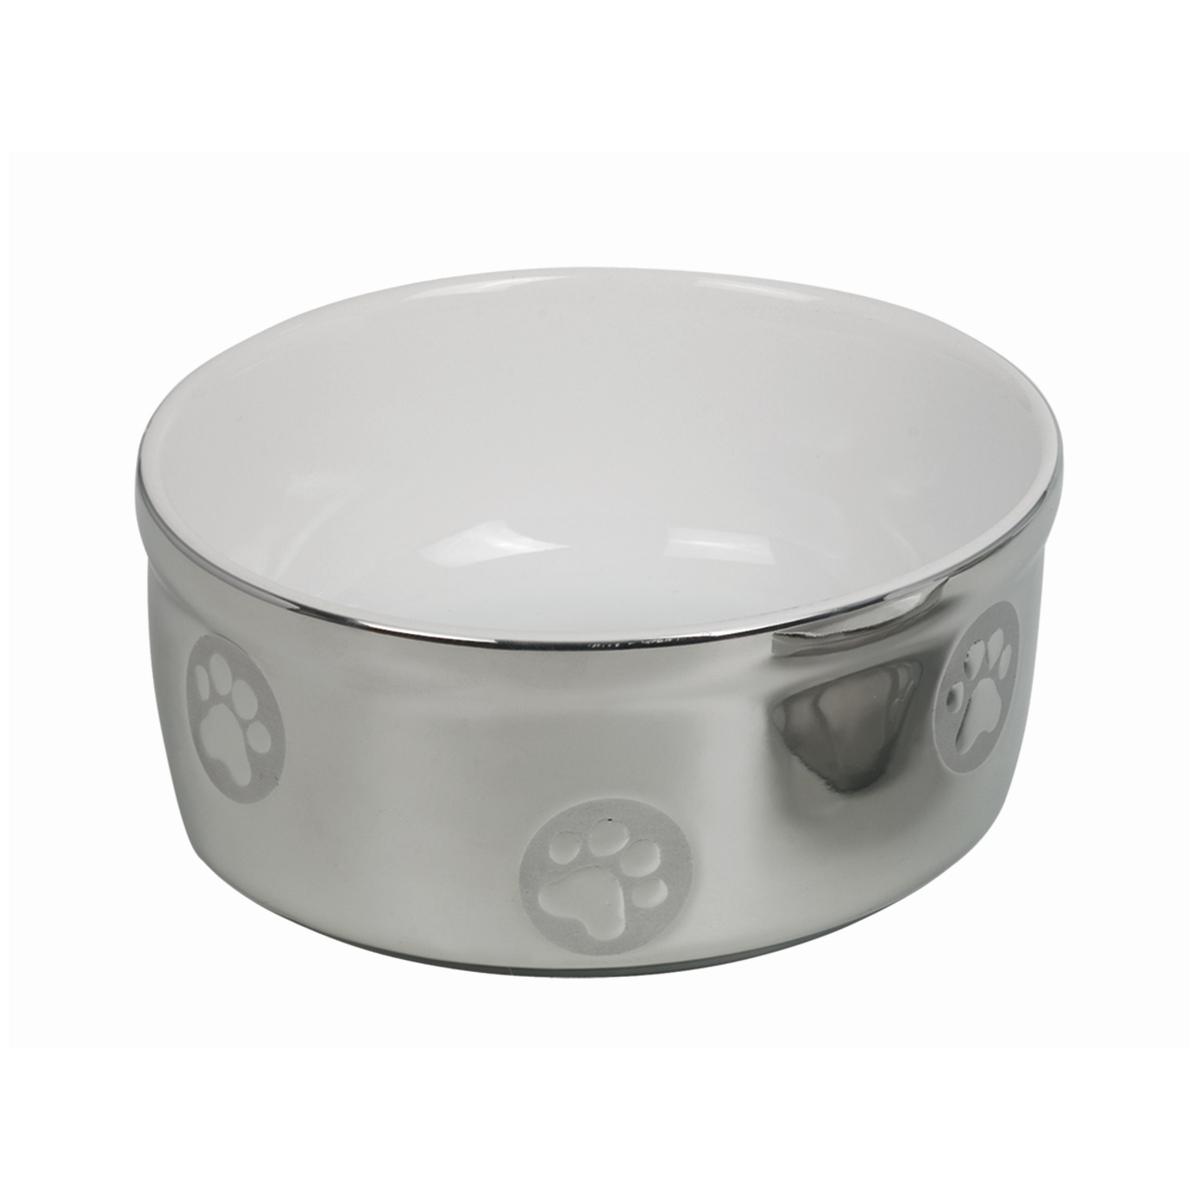 Eetbak metallic zilver / wit